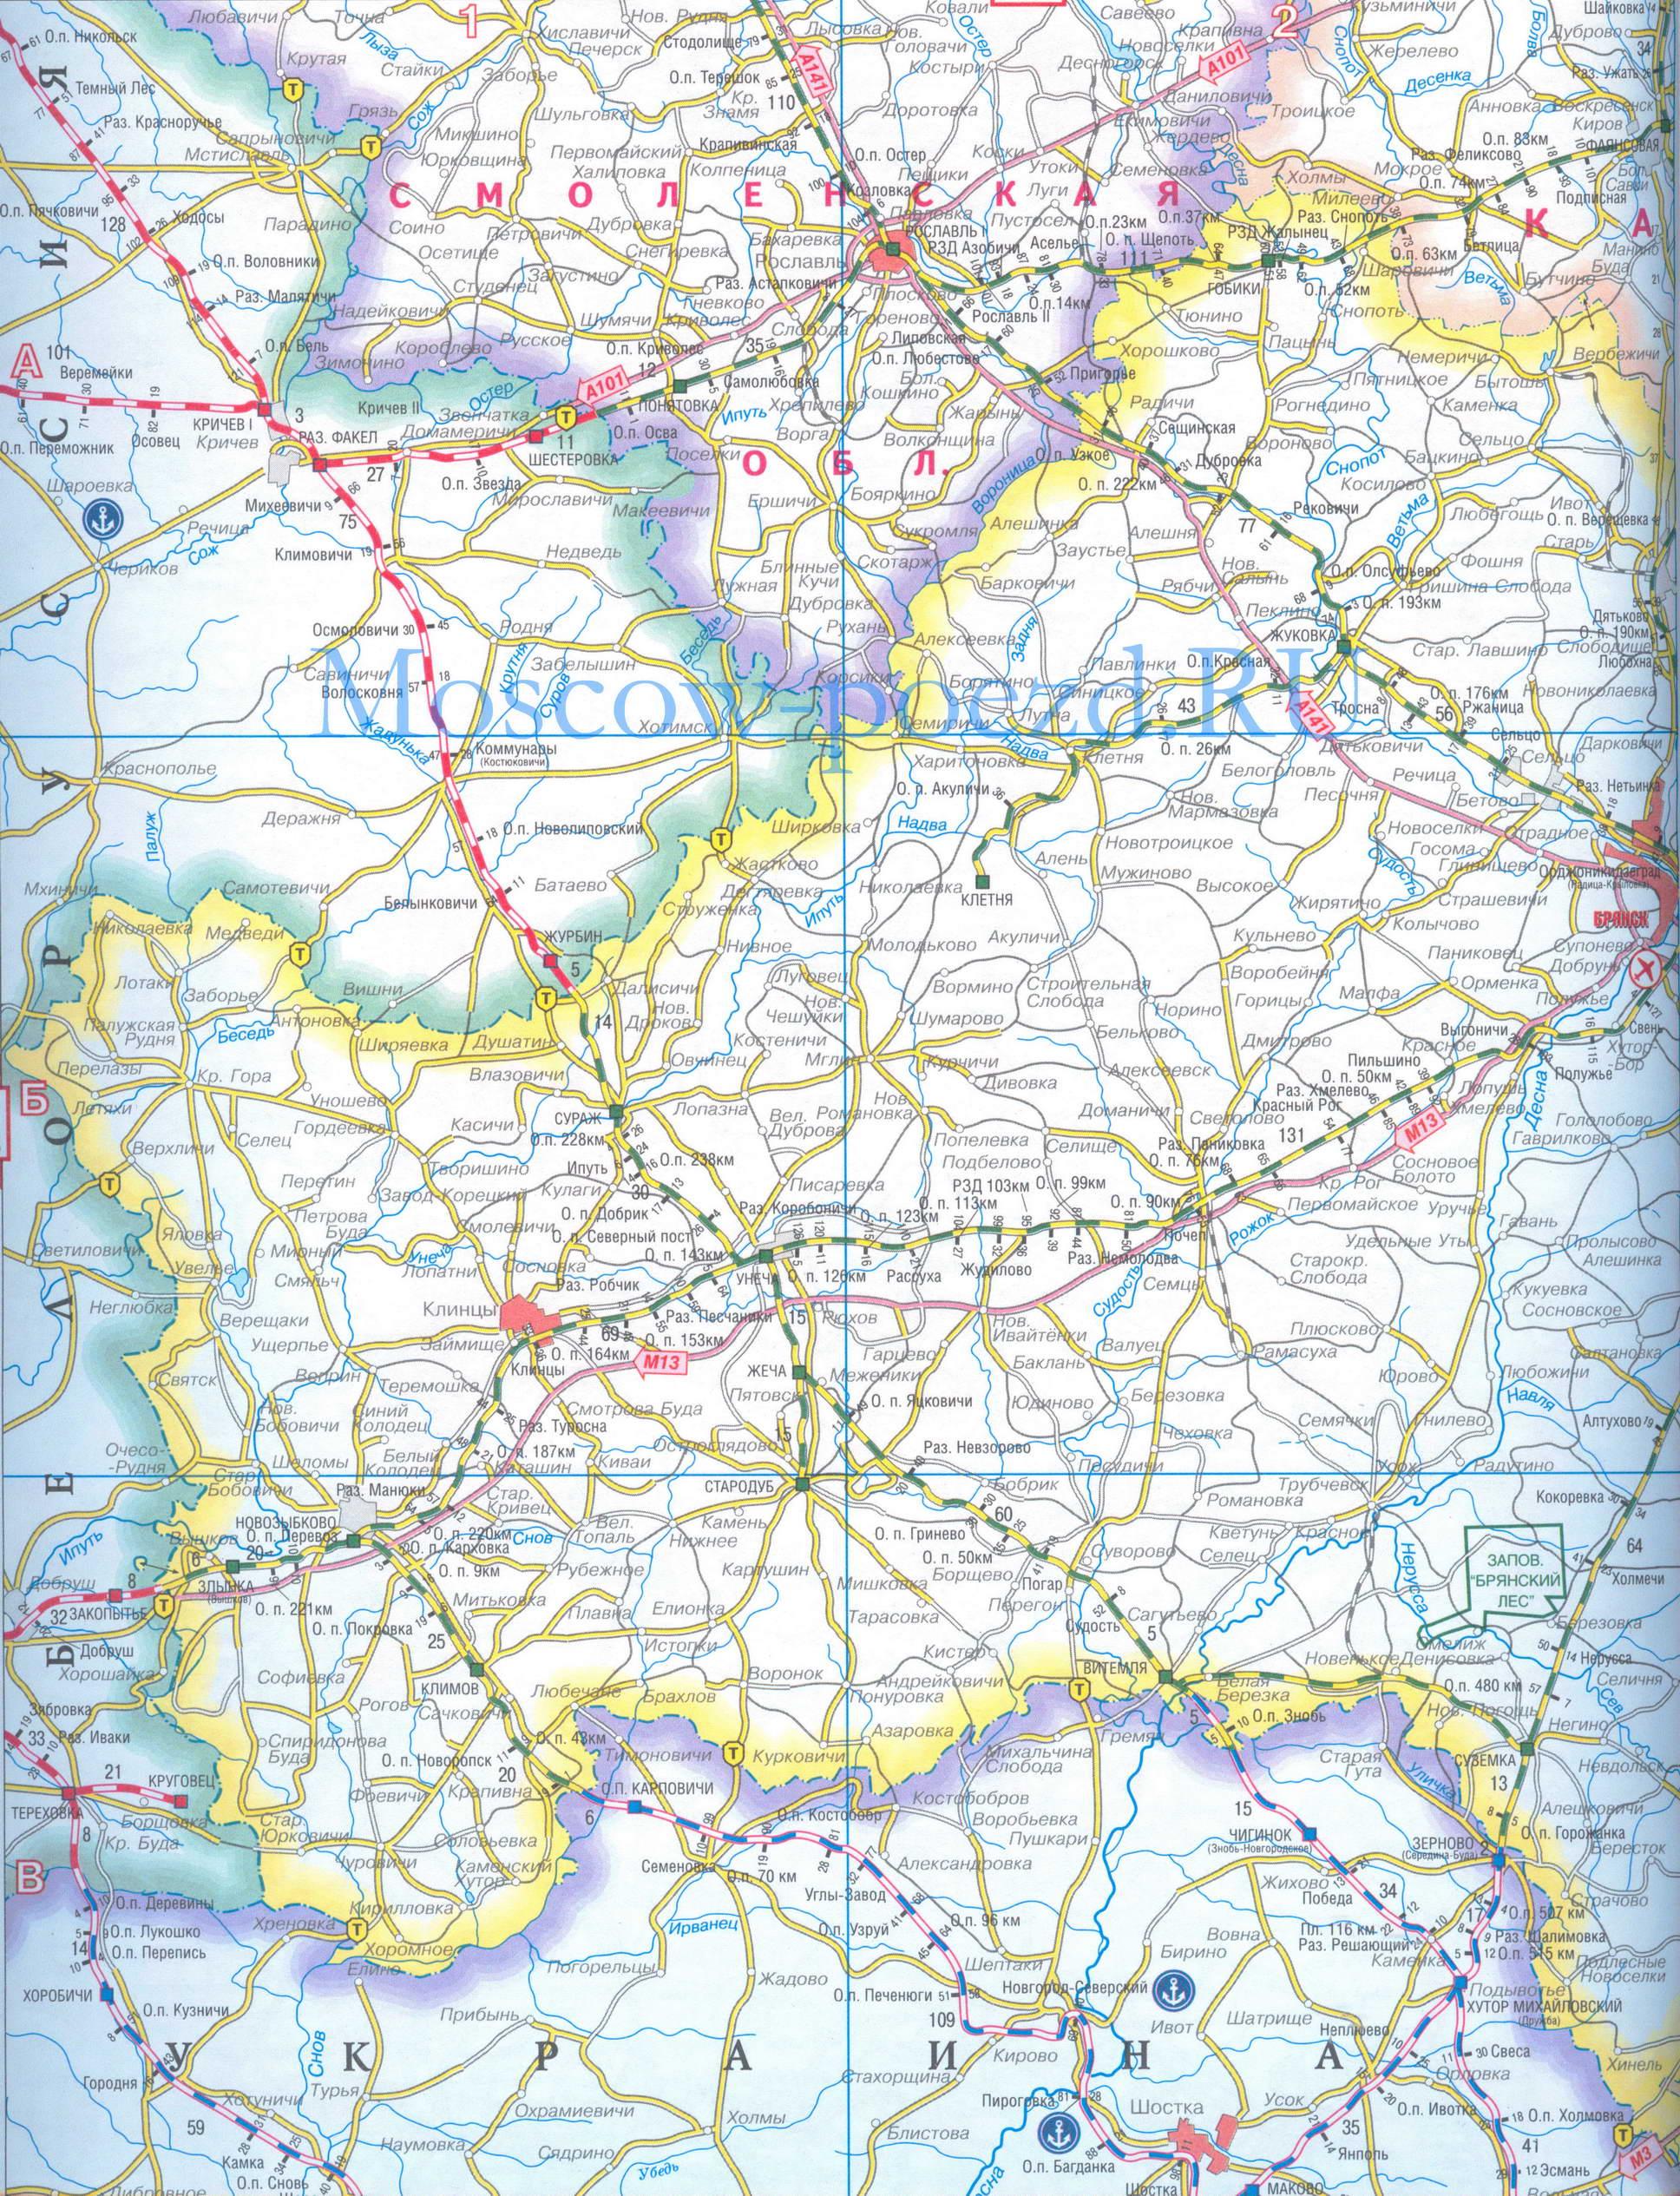 Автомобильные и железные дороги Брянской области.  Брянская область - подробная карта железных и автомобильных дорог...